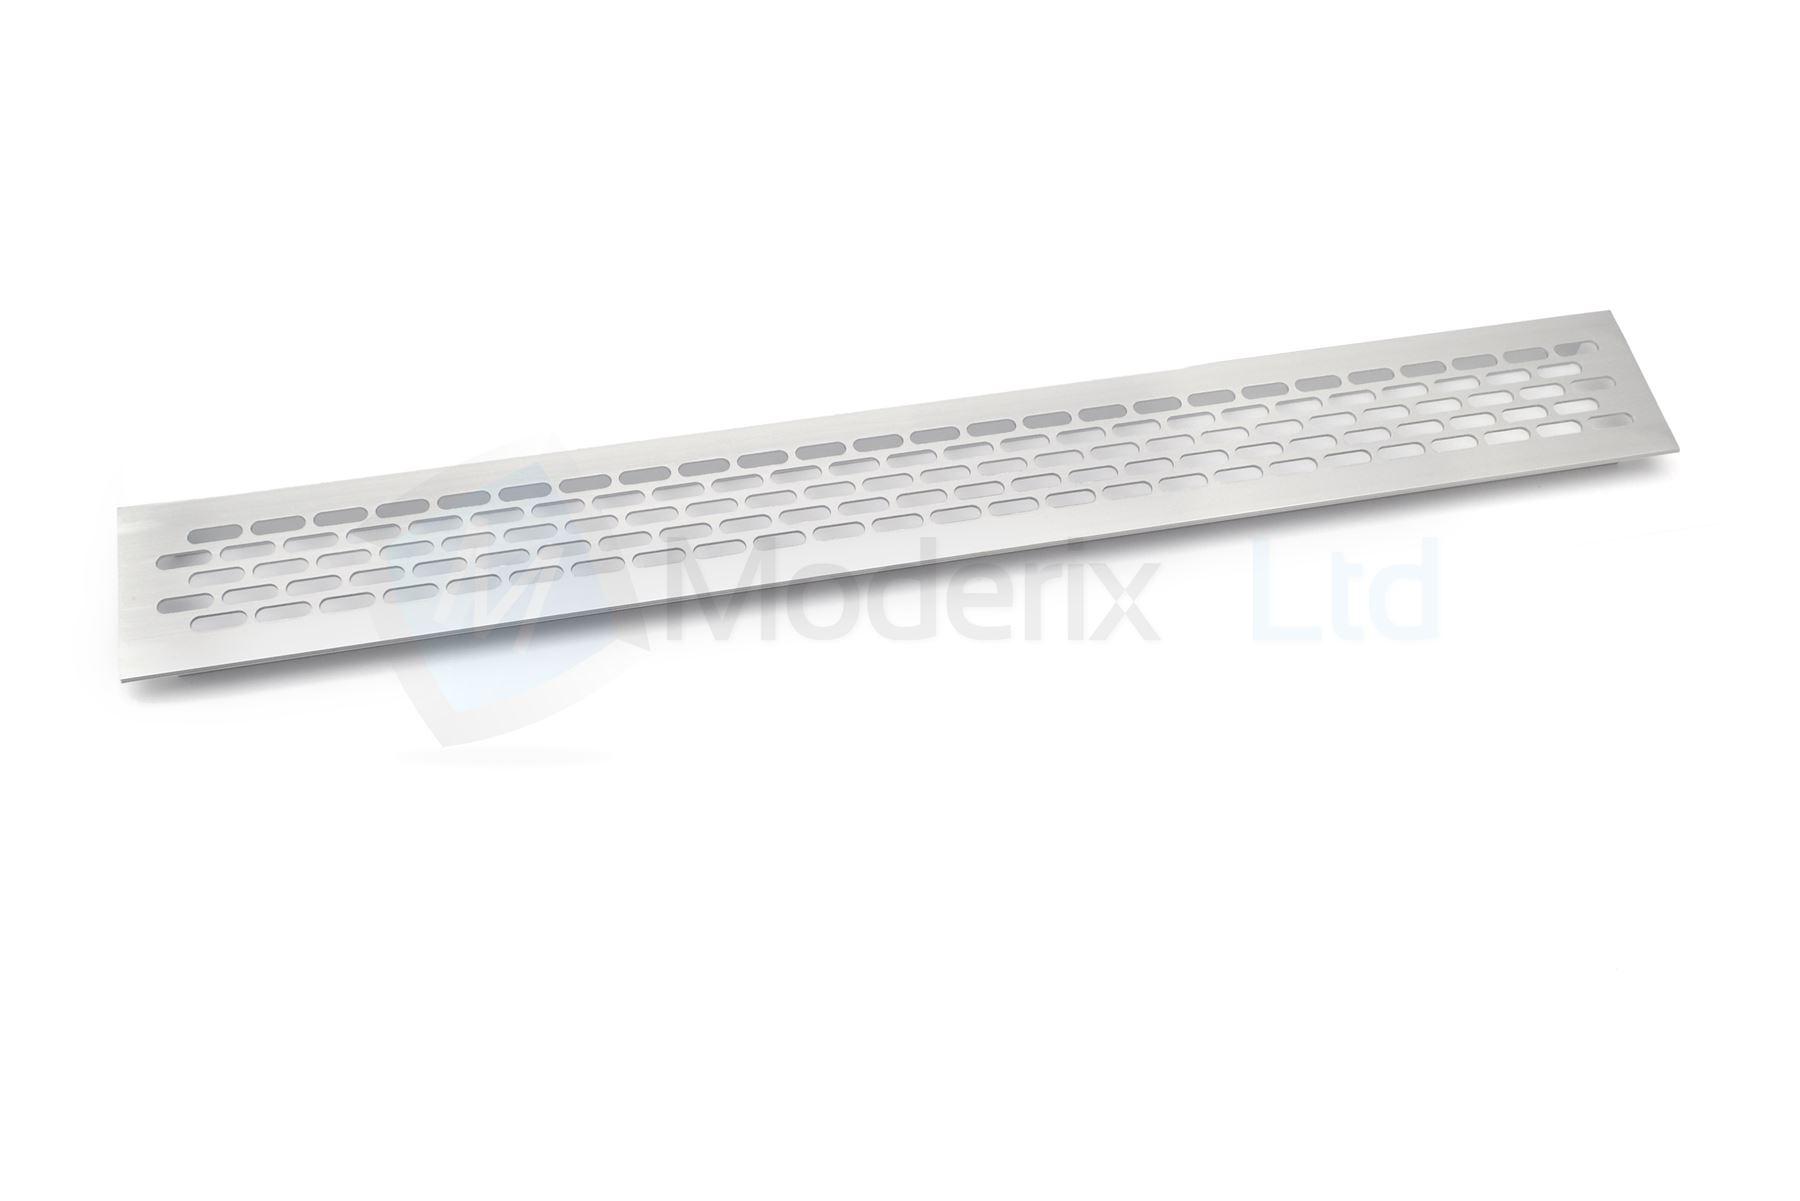 plinthe cuisine grille ventilation aluminium plan de travail chaleur 480 x 60 mm ebay. Black Bedroom Furniture Sets. Home Design Ideas